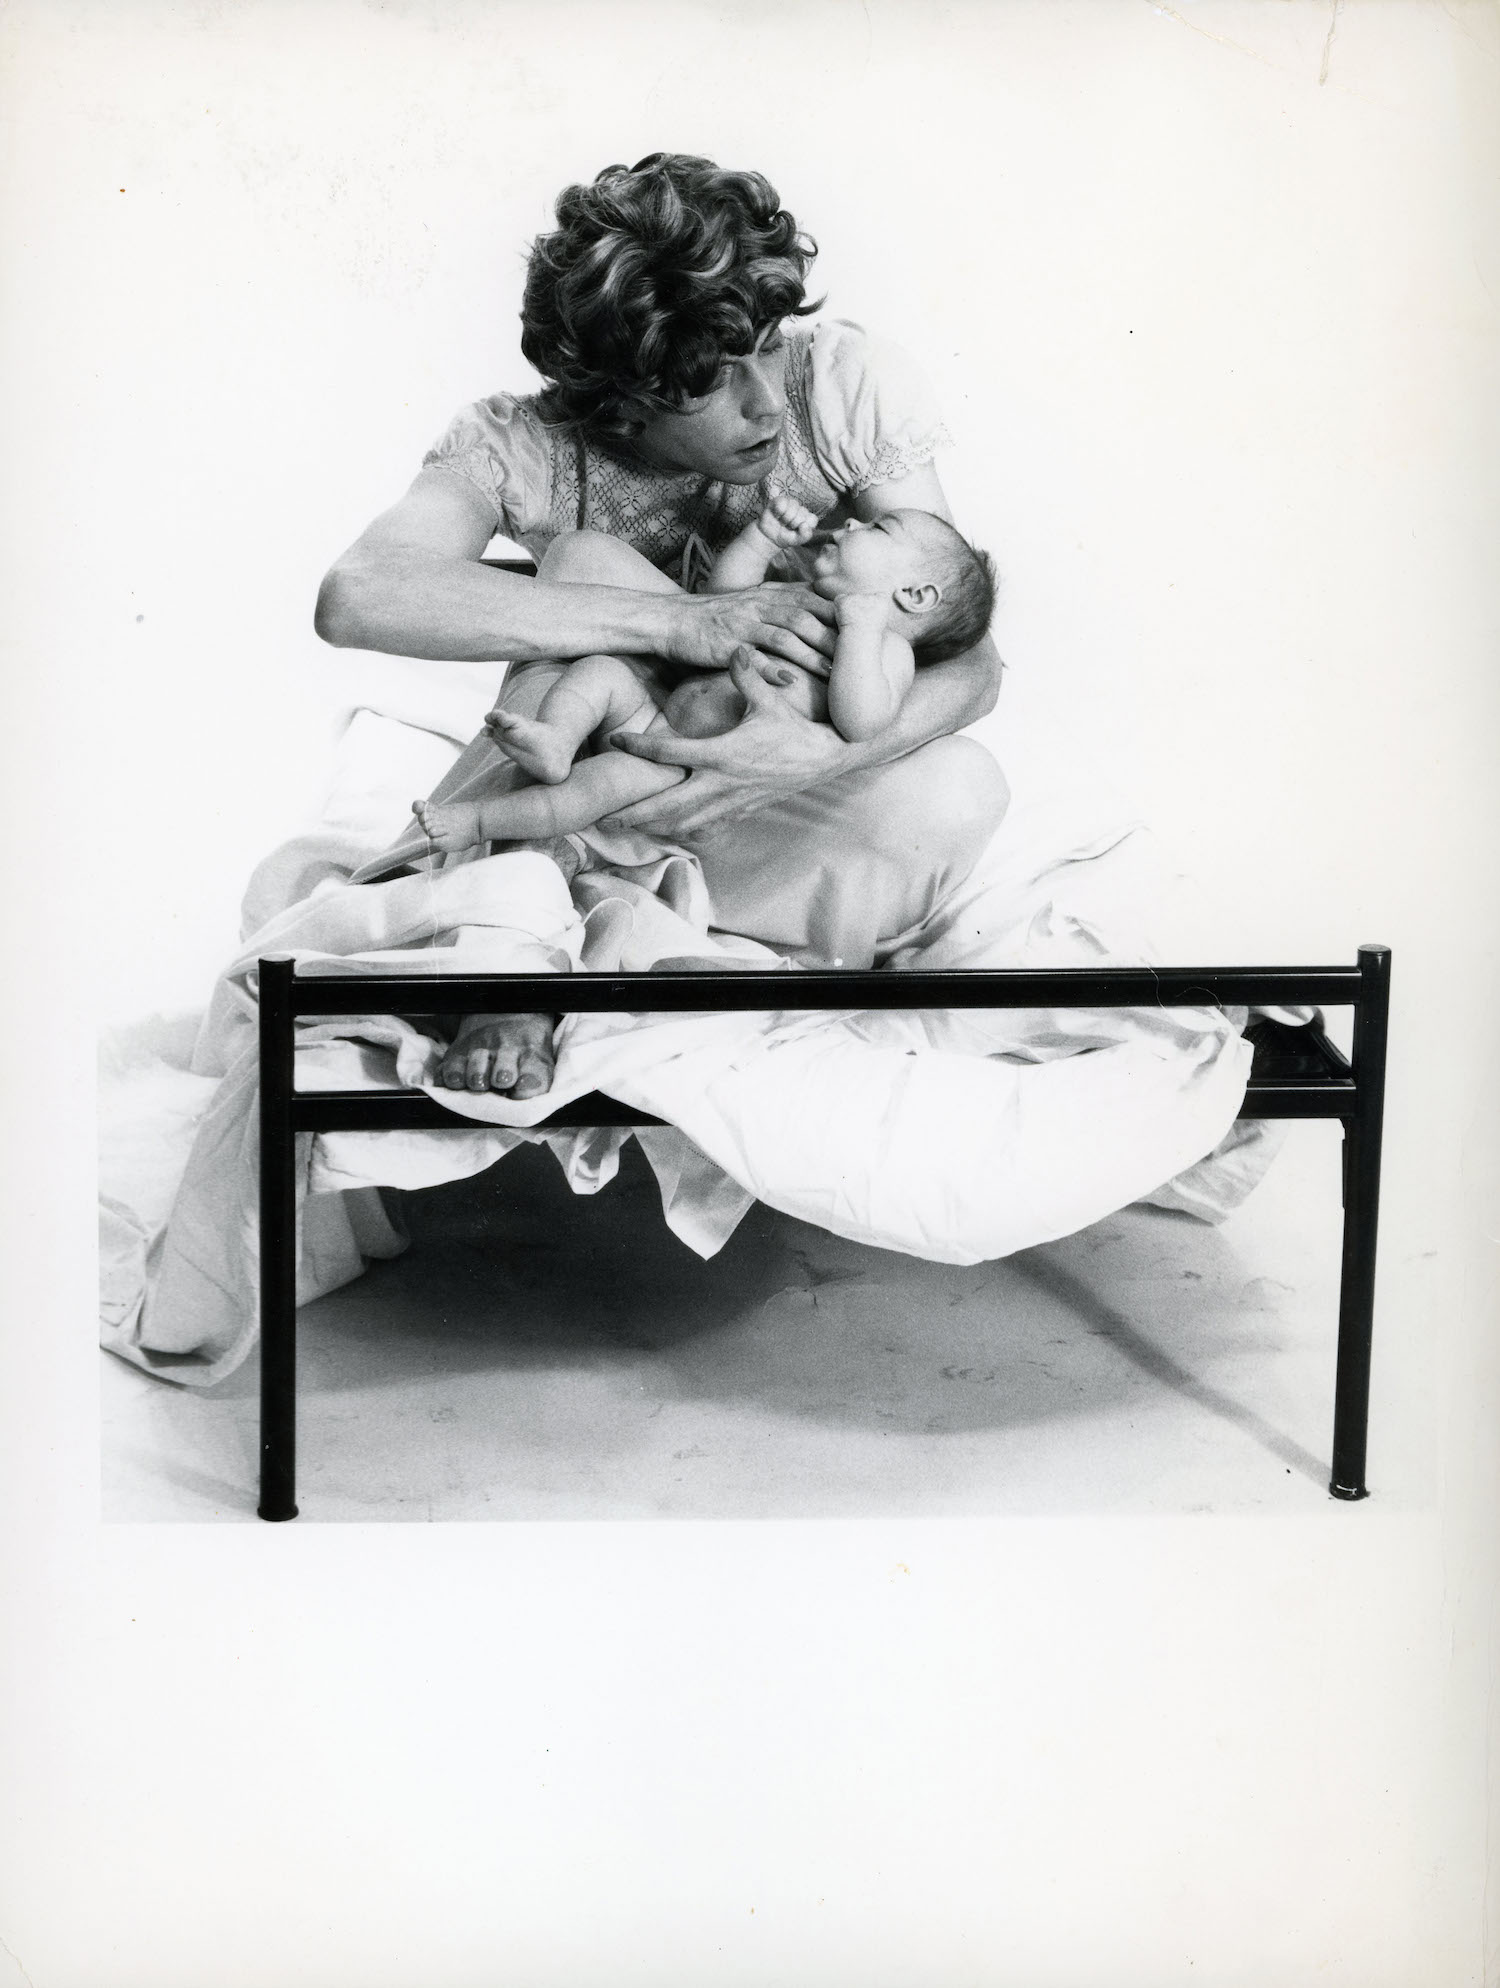 Michel Journiac, 24 Heures dans la vie d'une Femme / Phantasmes La Maternite, 1974. Courtesy Christophe Gaillard, Paris